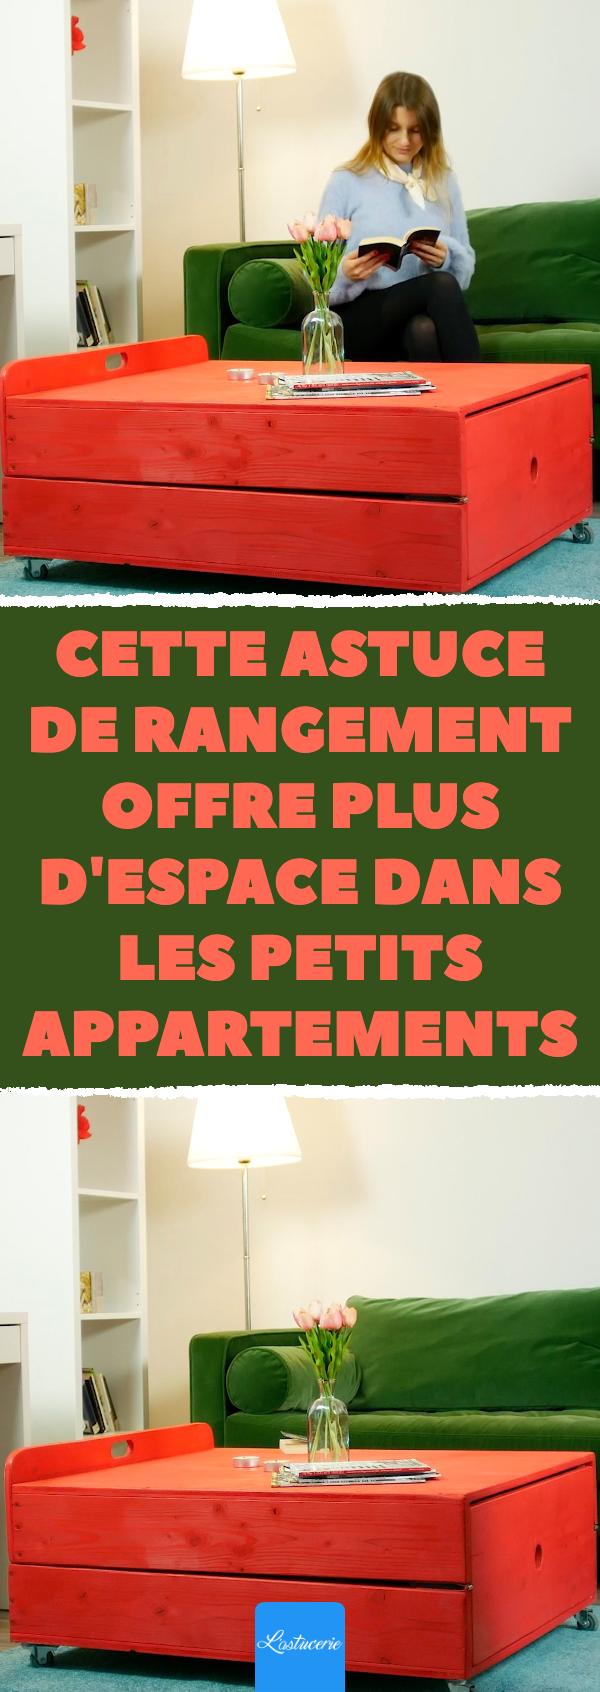 Cette Astuce De Rangement Offre Plus D Espace Dans Les Petits Appartements Diy Malin Lit Dans La Table Idees De Meubles Astuce Rangement Petit Appartement